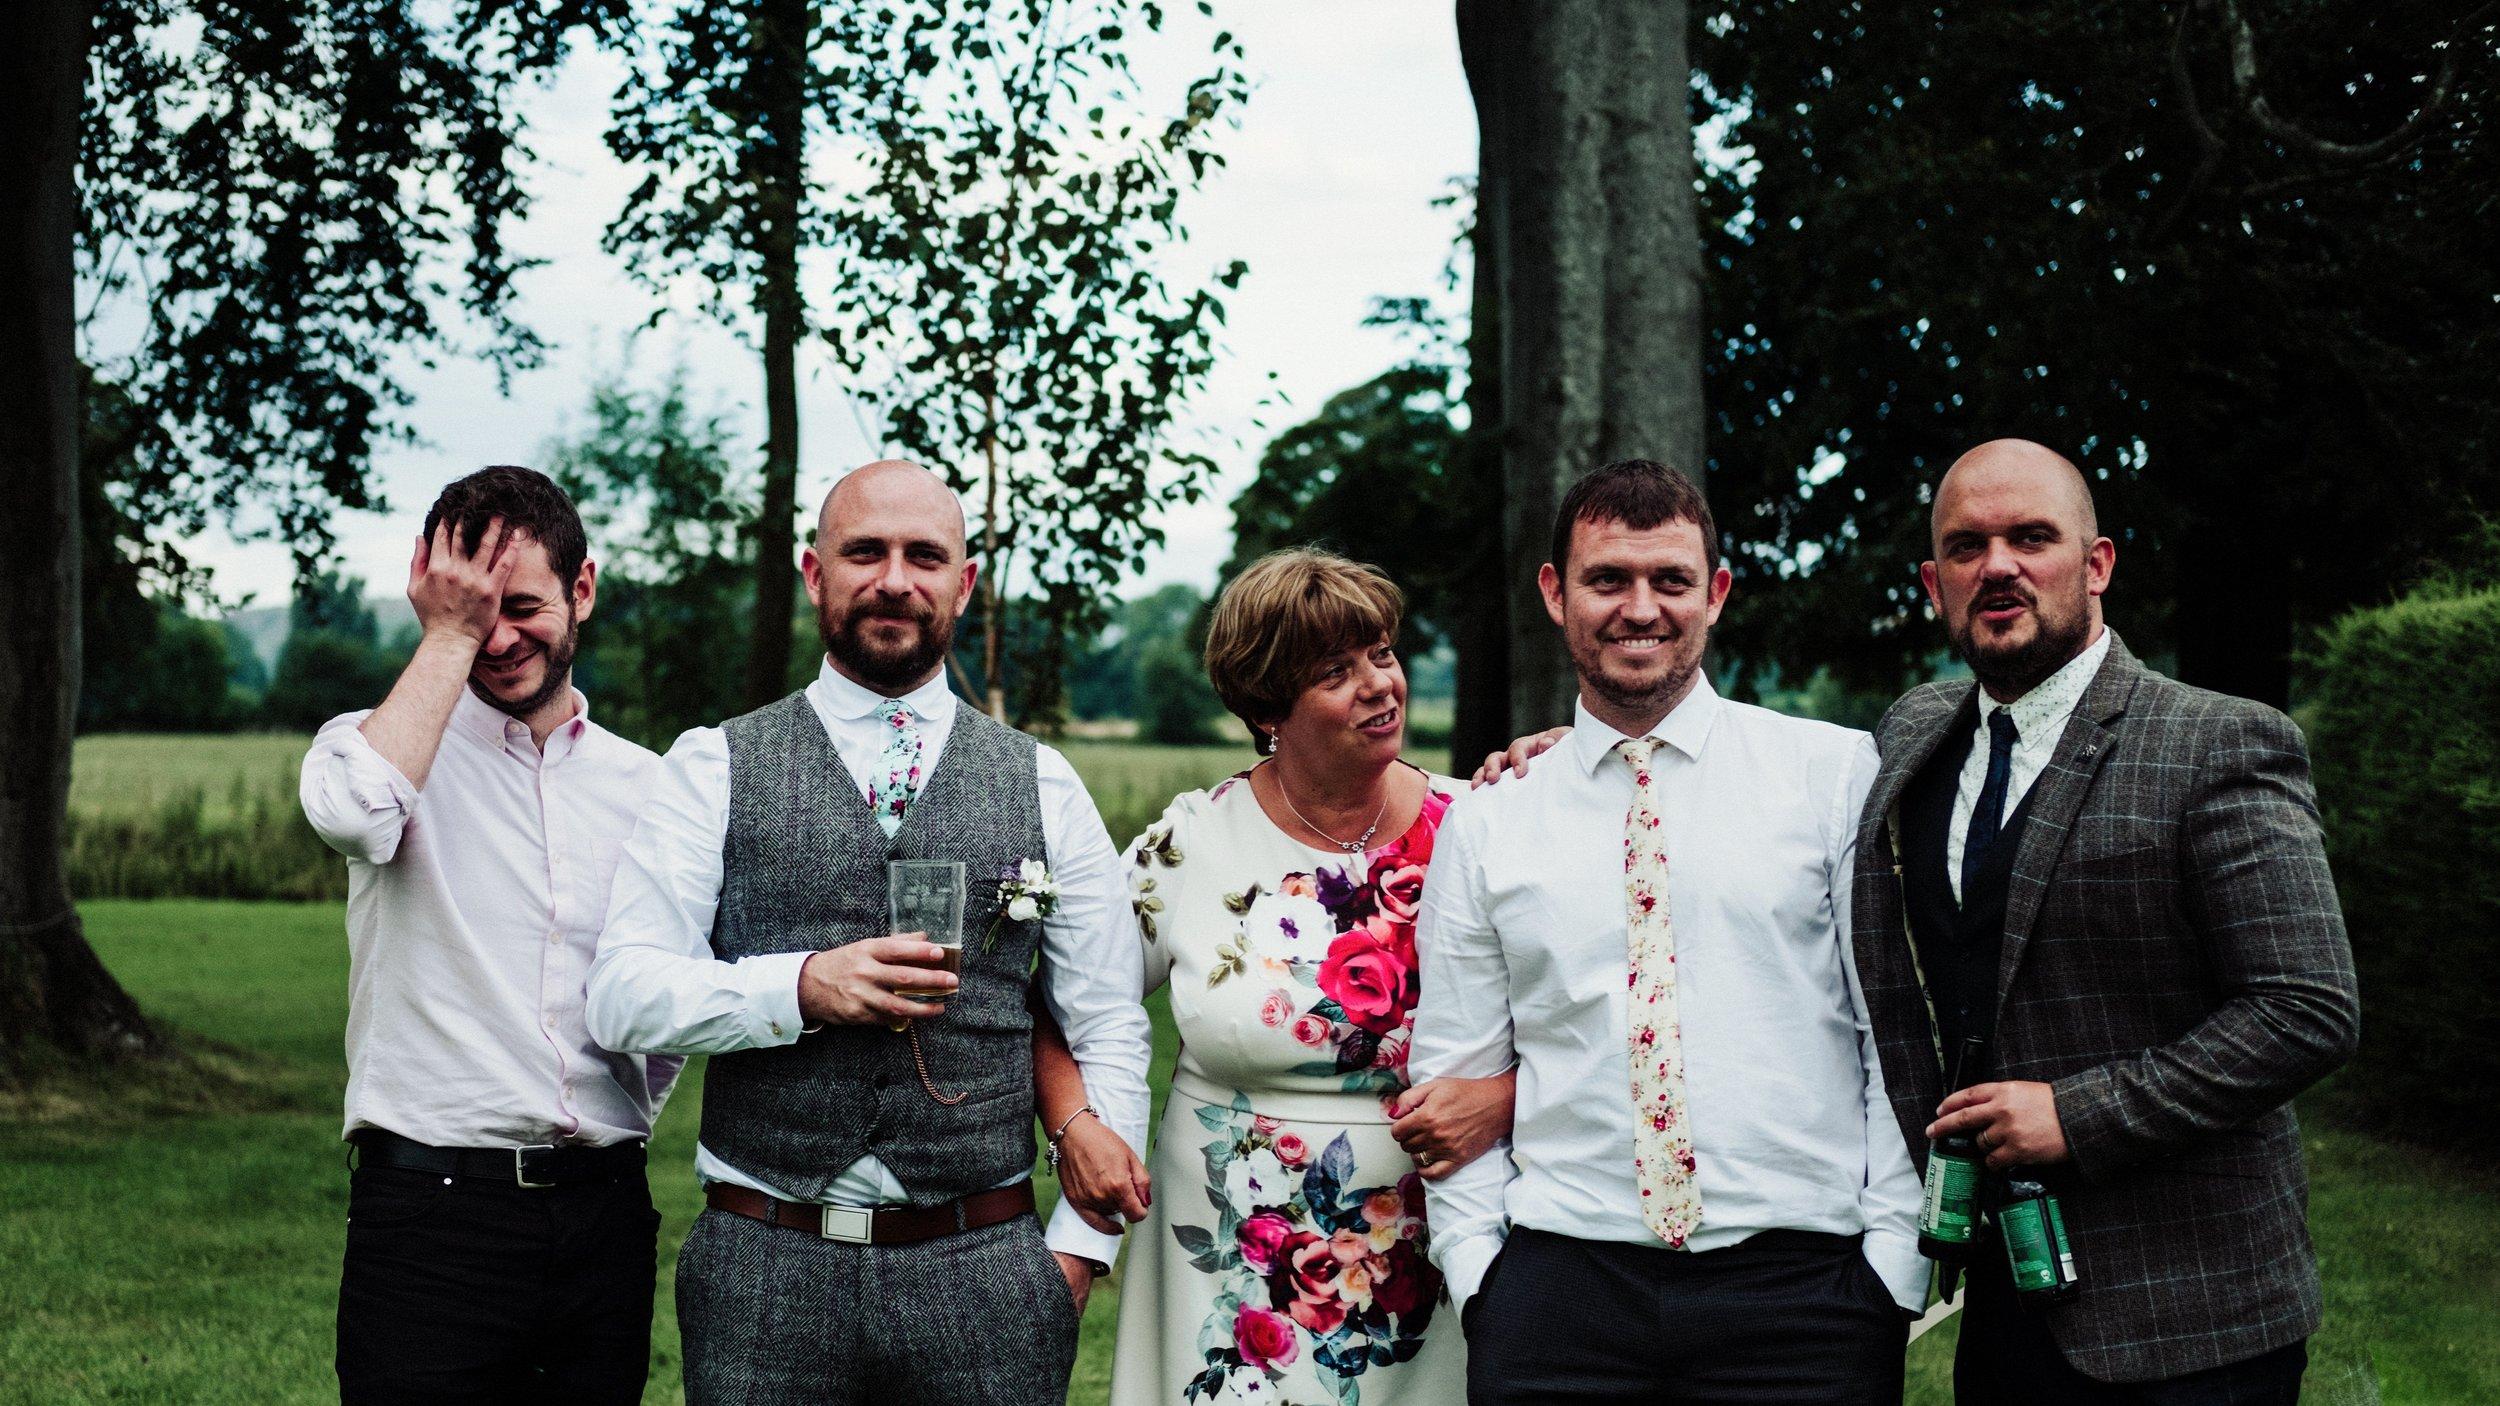 Group shot, not a group shot | Informal formals